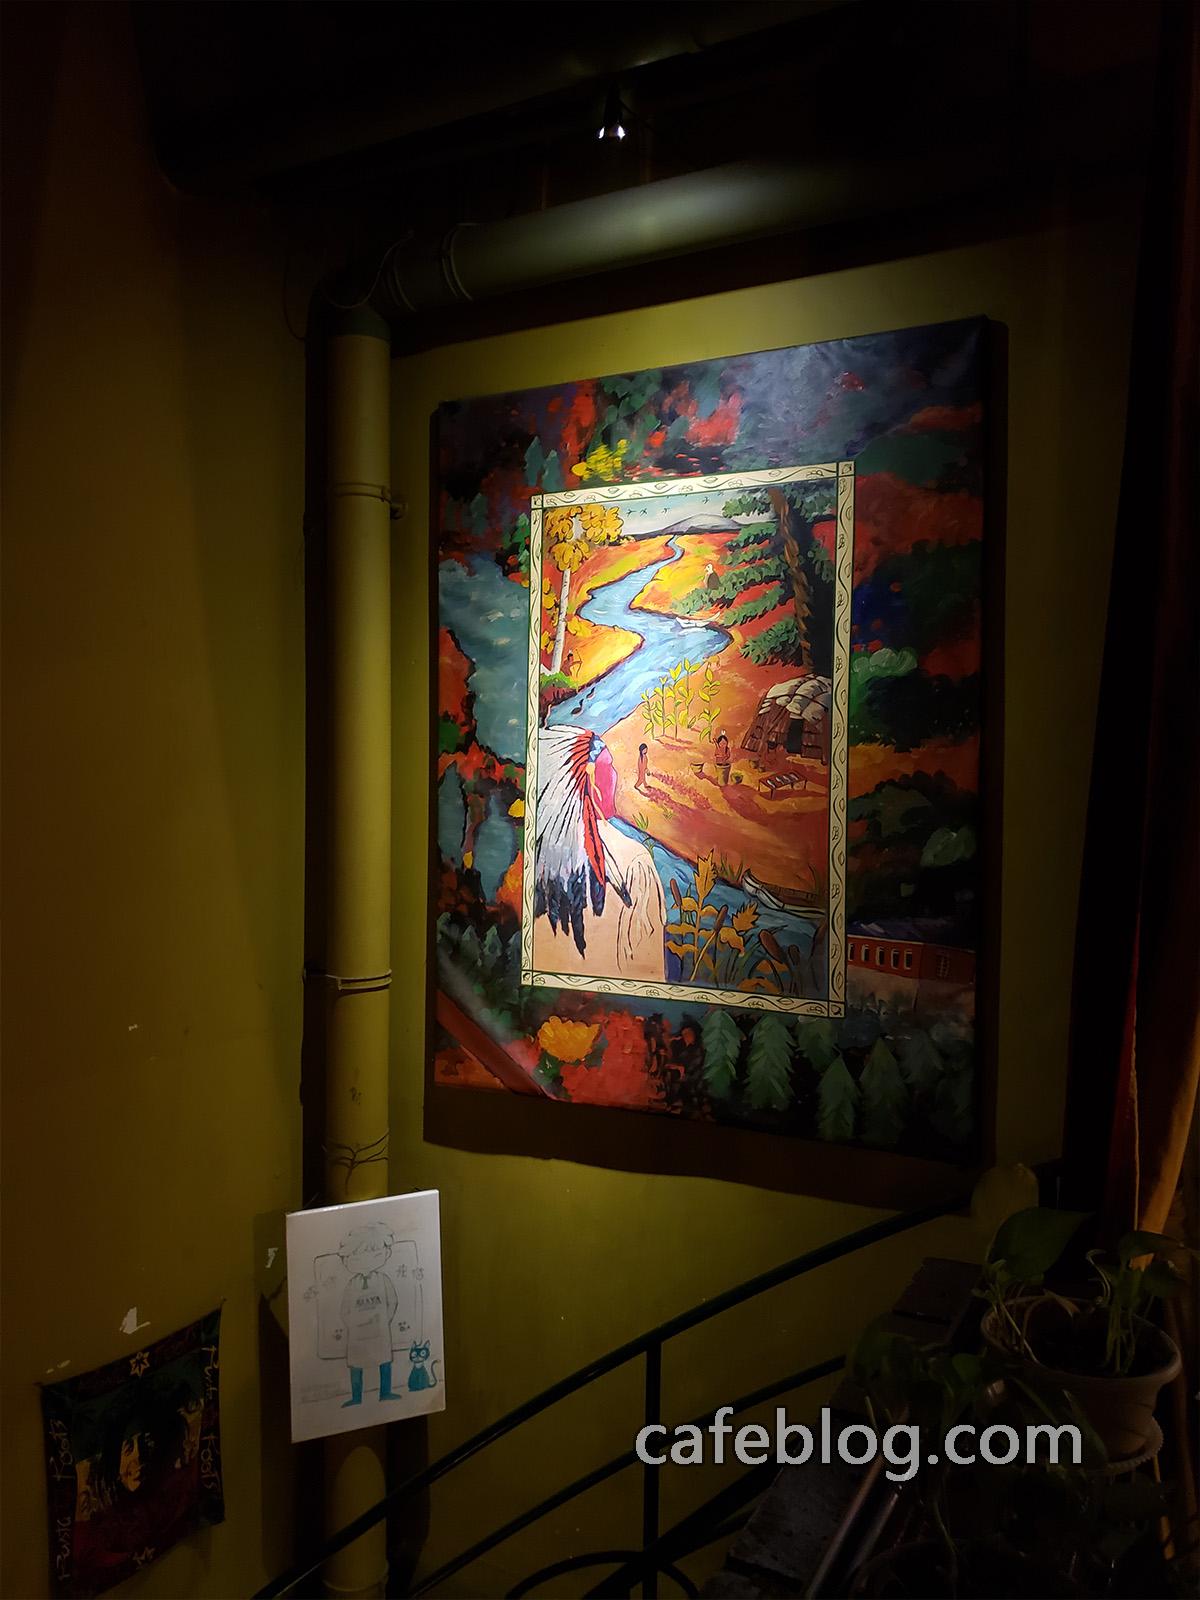 玛雅咖啡馆 Maya Cafe 楼梯间的壁画。